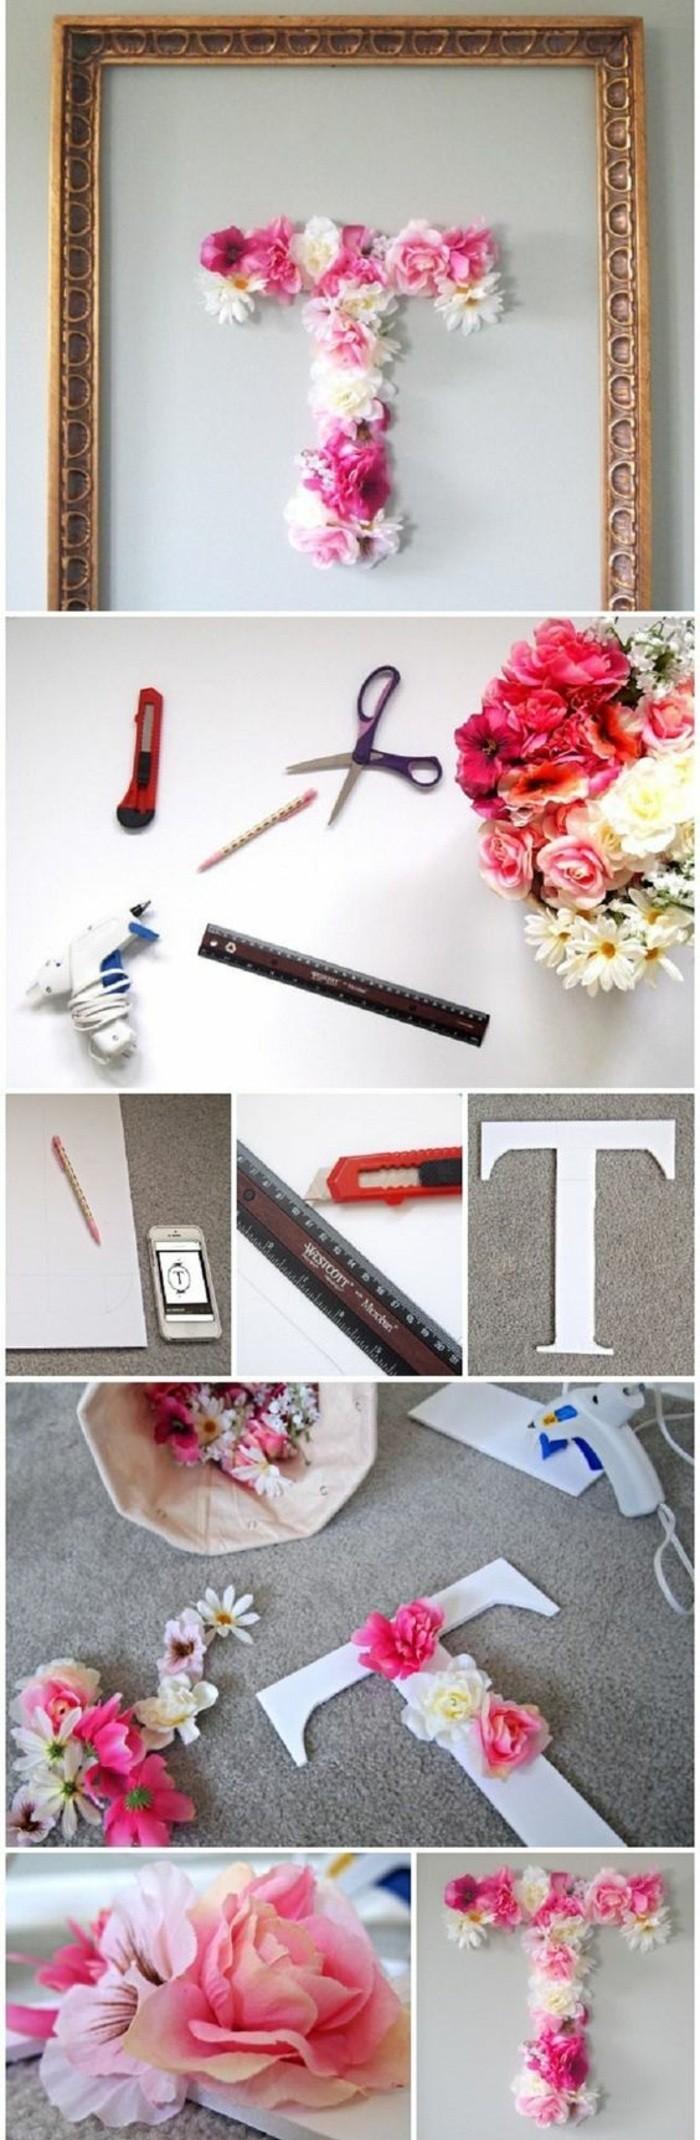 preciosa decoración de pared con flores, tutoriales de manualidades fáciles y originales